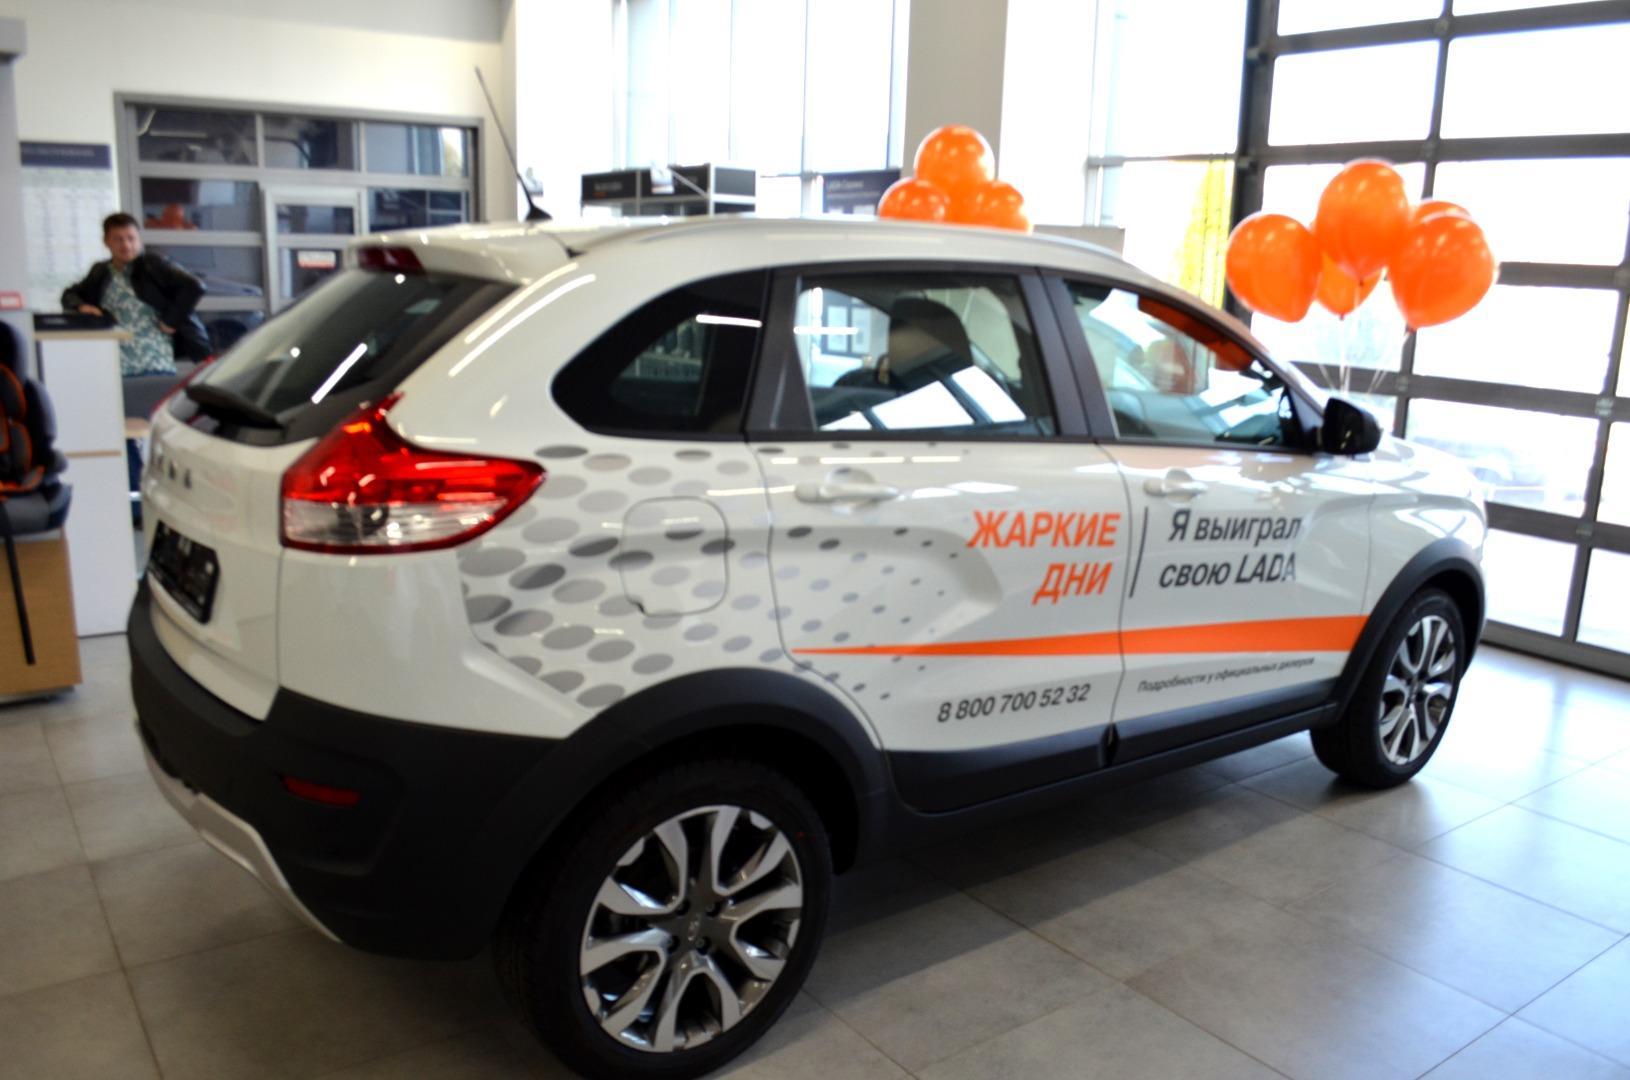 Автосалон Альянс-Лада вручил призовой автомобиль победителю акции «Жаркие дни LADA»